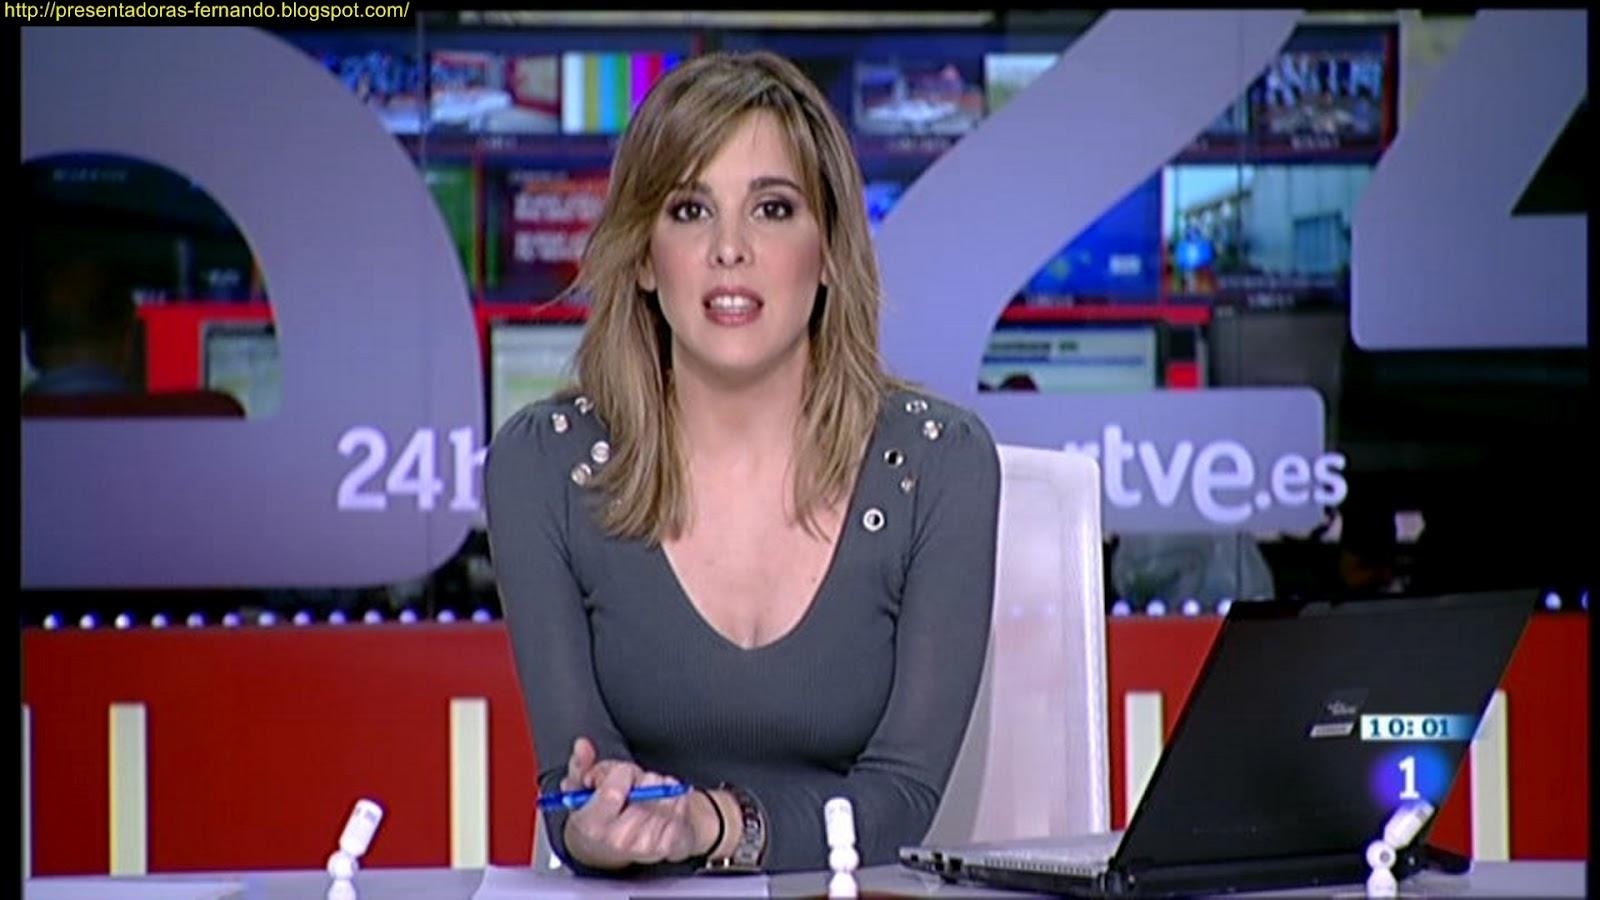 Casado pajero en la webcam - 3 part 9